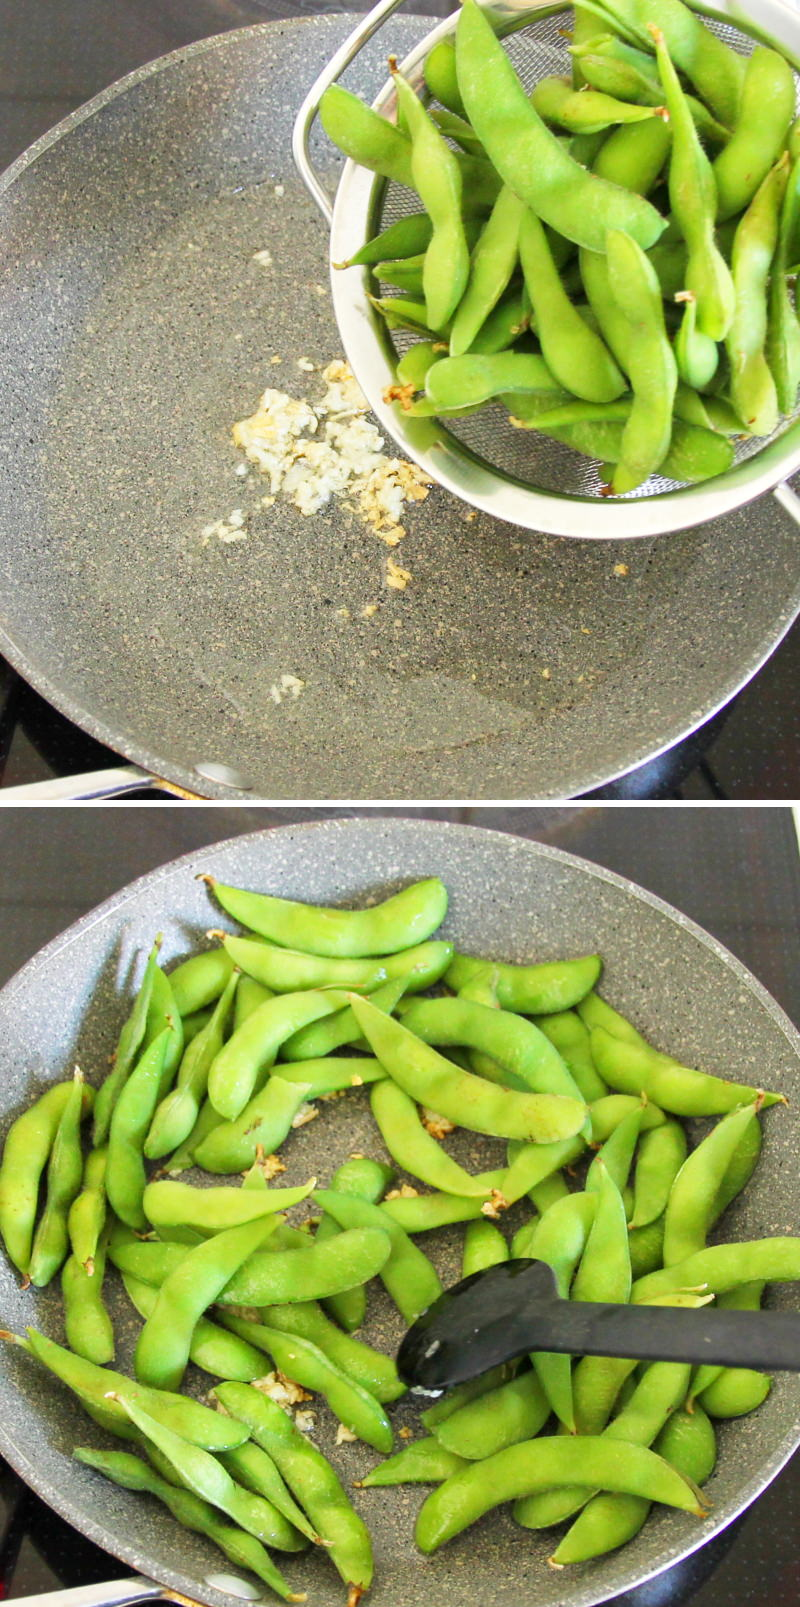 Edamame mit Chiliöl und Knoblauchflocken Schritt 6 Edamame braten